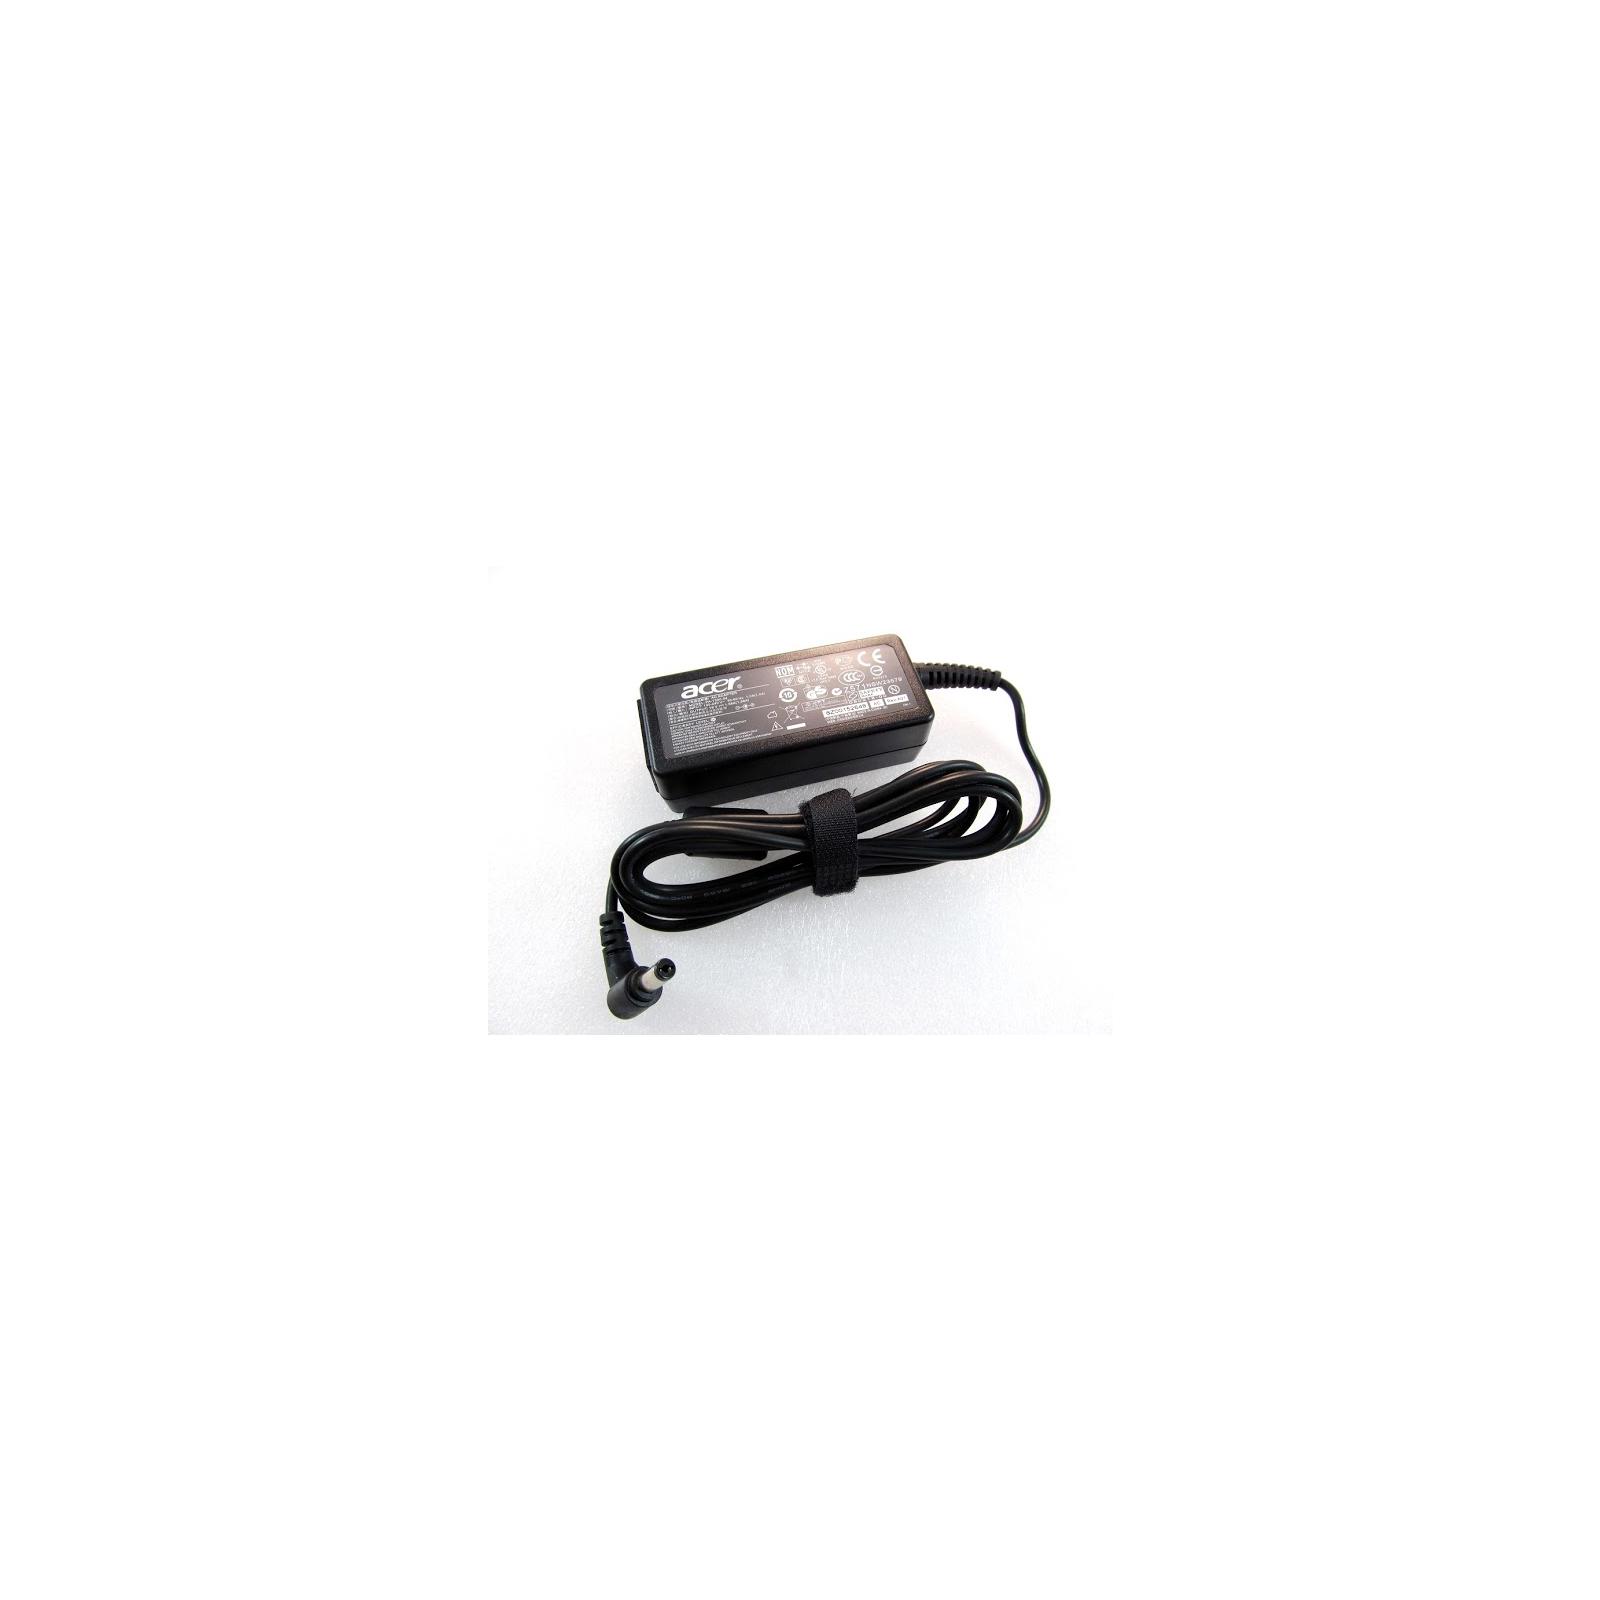 Блок питания к ноутбуку Acer 30W 19V 1.58A разъем 5.5/1.7 (PA-1300-04)